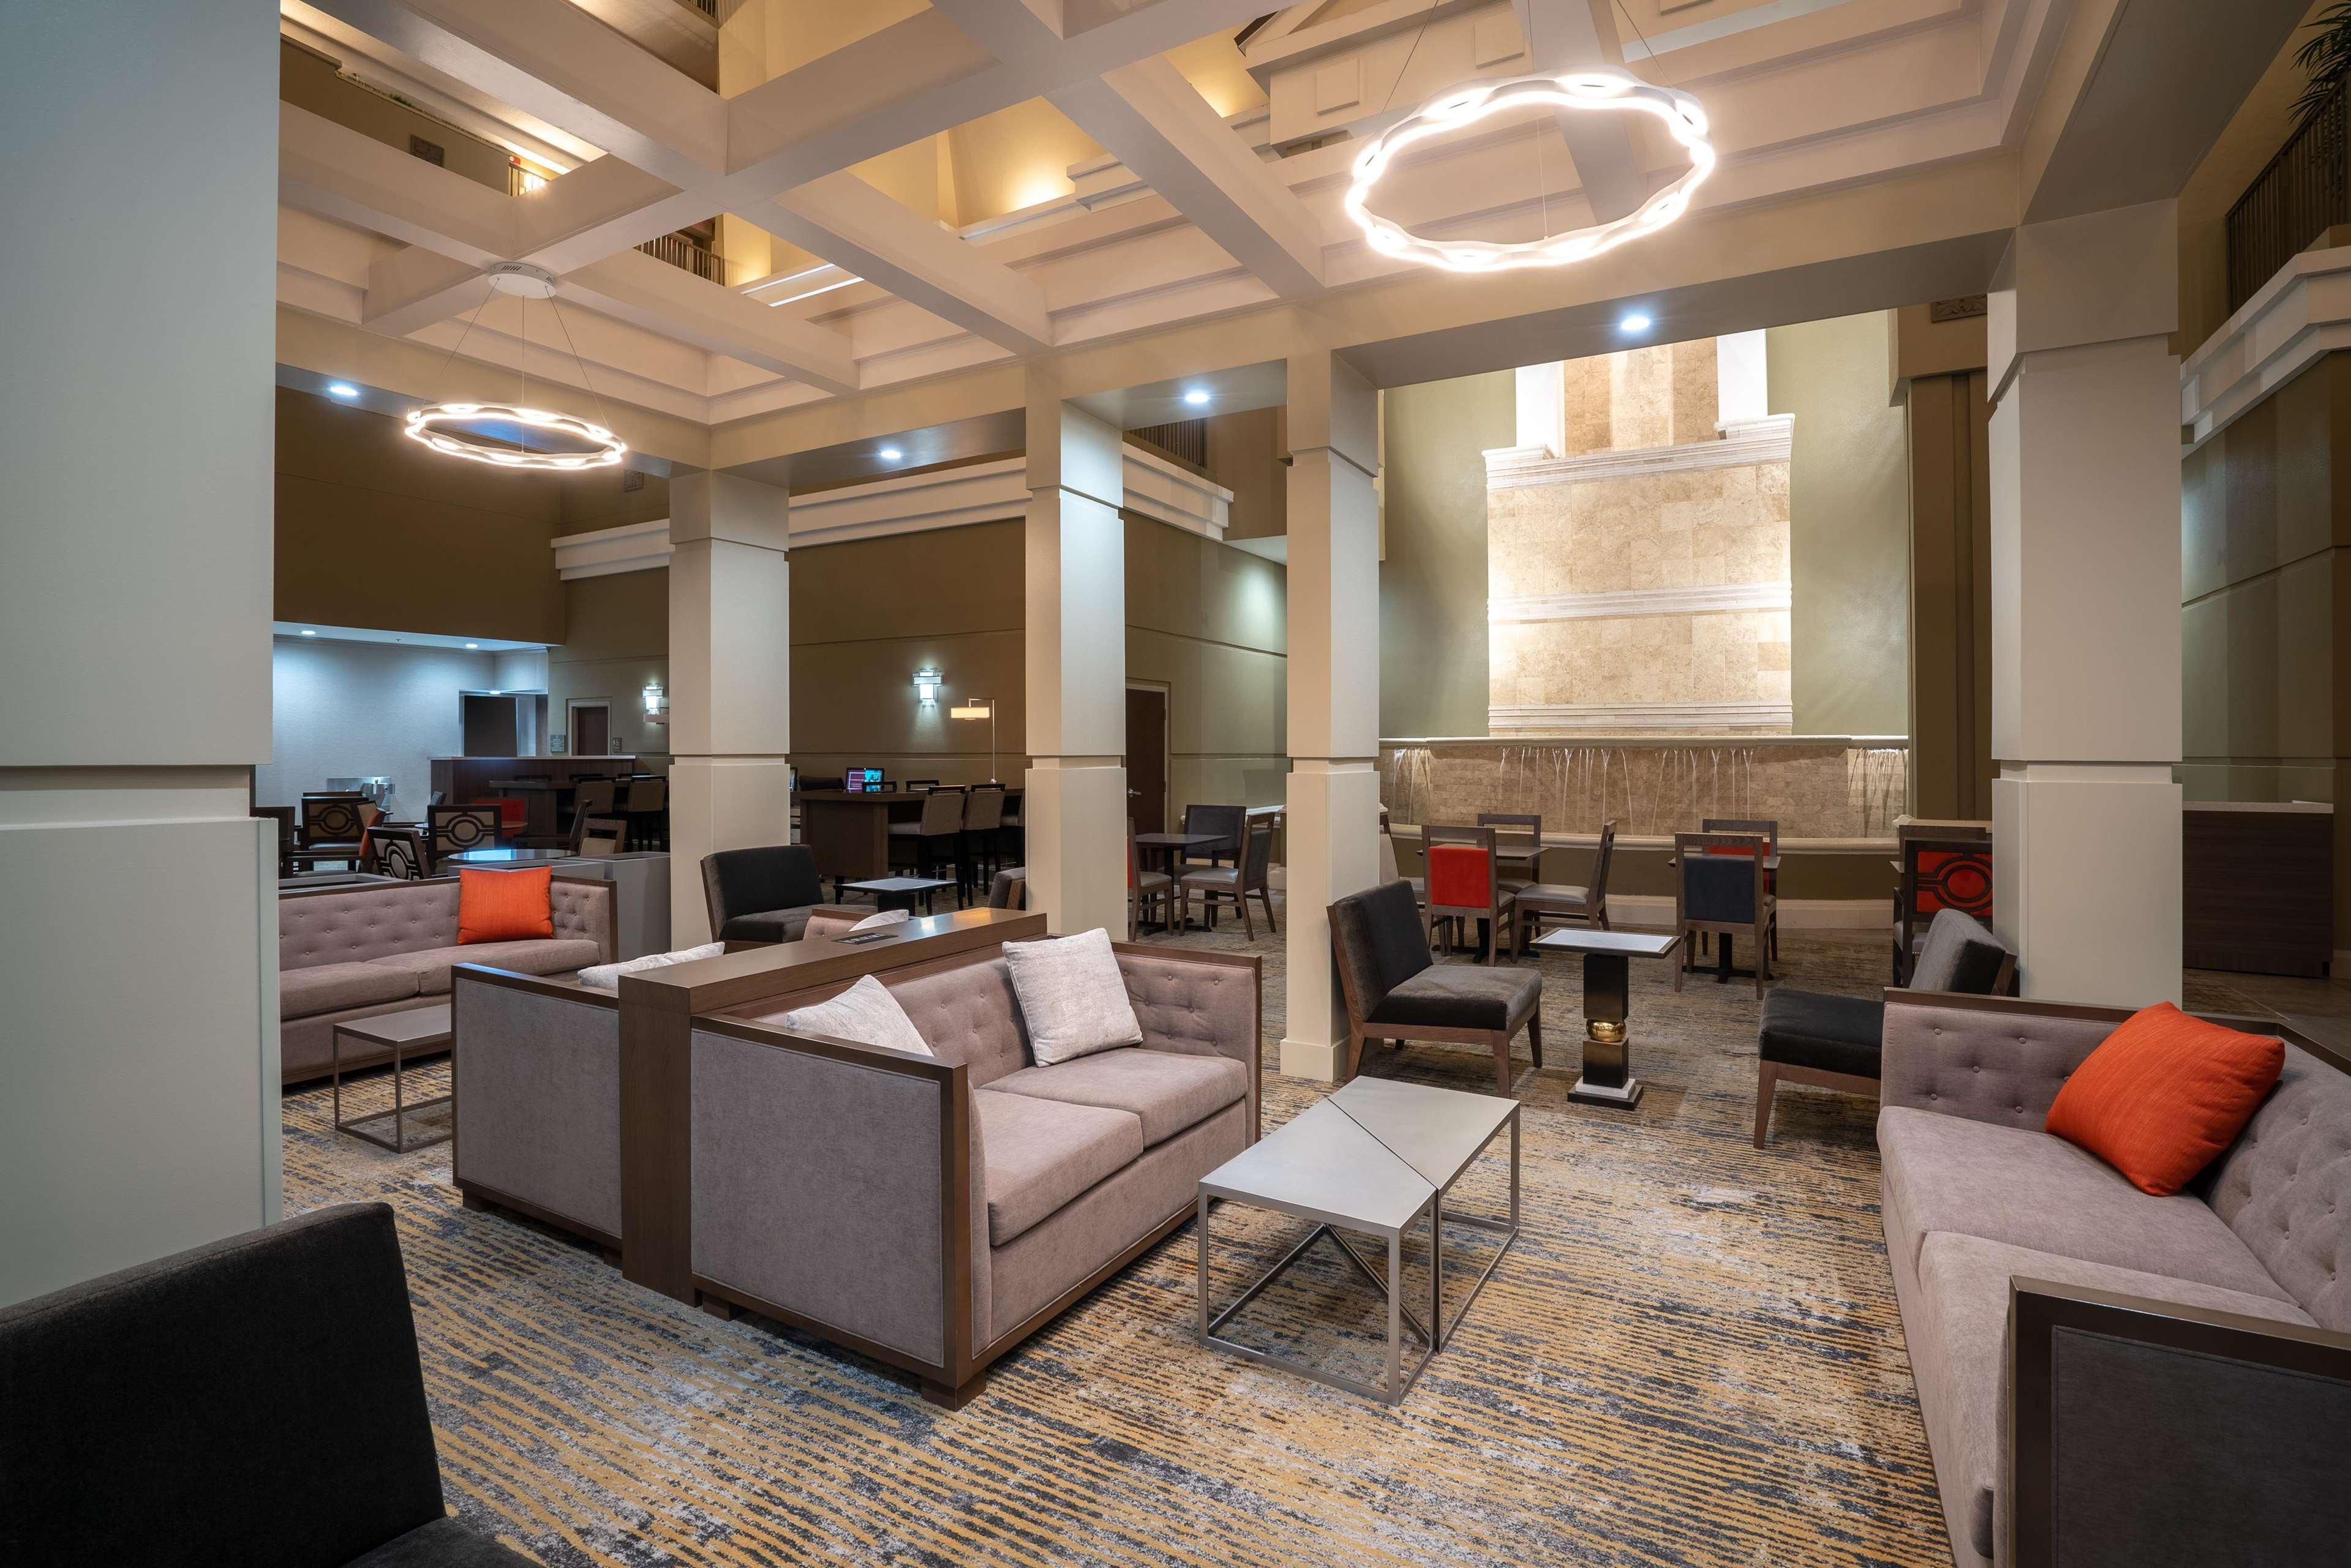 Embassy Suites by Hilton Nashville at Vanderbilt image 12